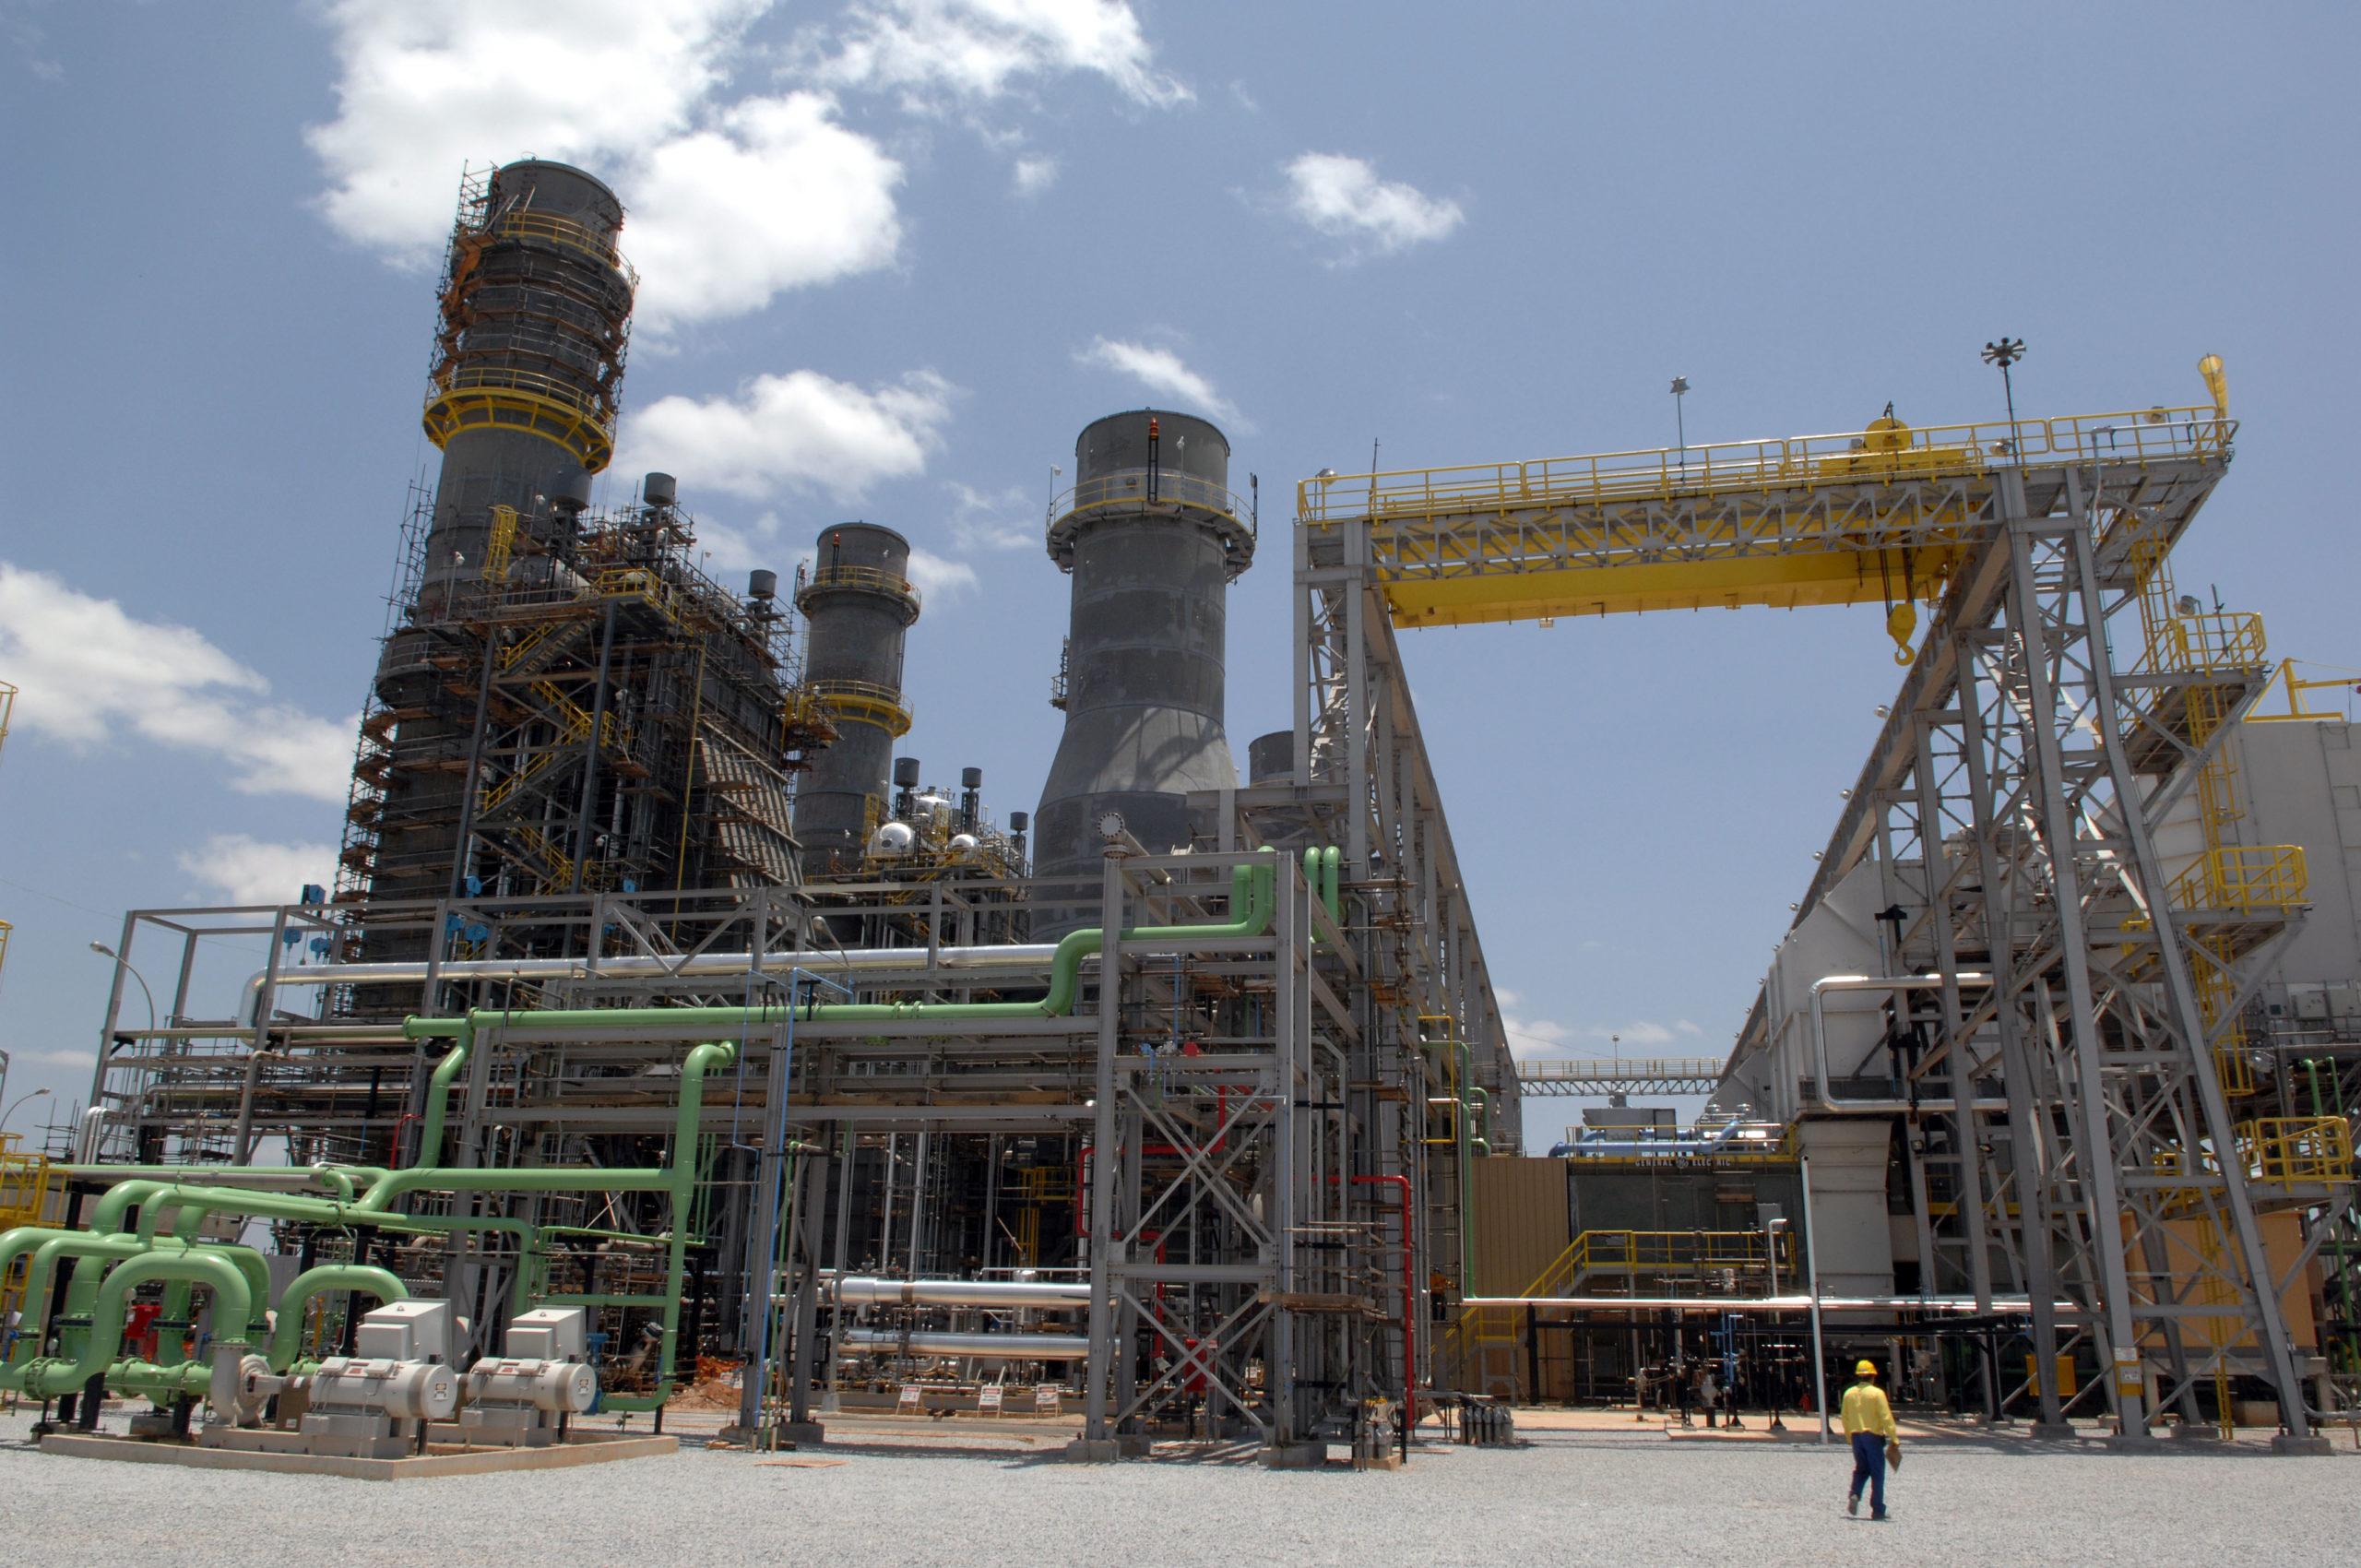 Reativação das bandeiras reforça a importância das termoelétricas da  Petrobras, por Ana Carolina Chaves | Colunas e opinião